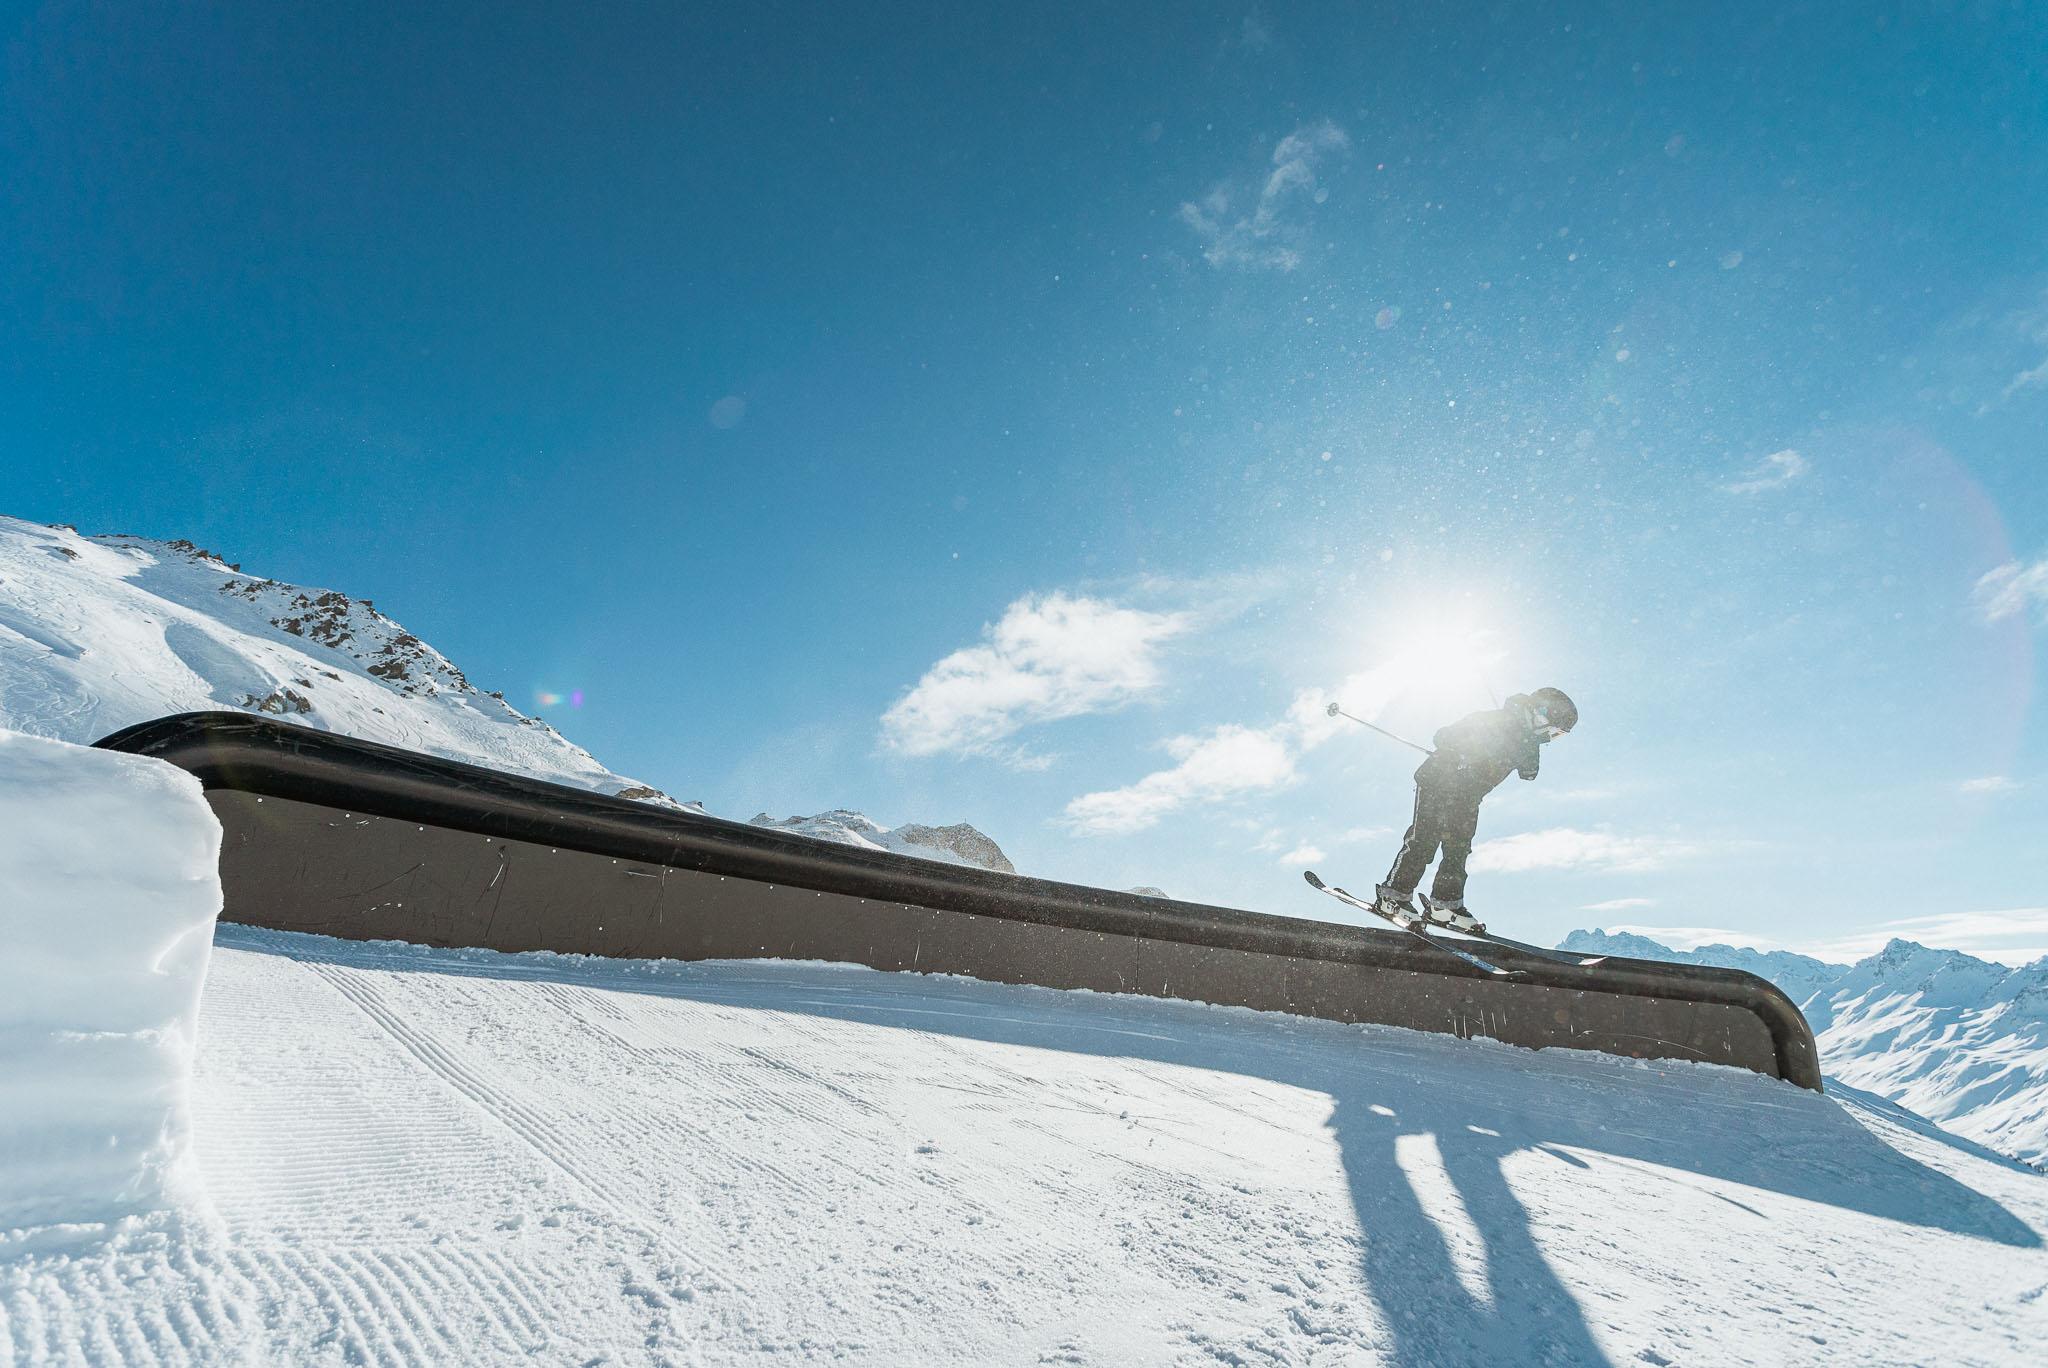 Ole Pavel auf dem ersten Advanced Jib Feature im Ischgl Snowpark.